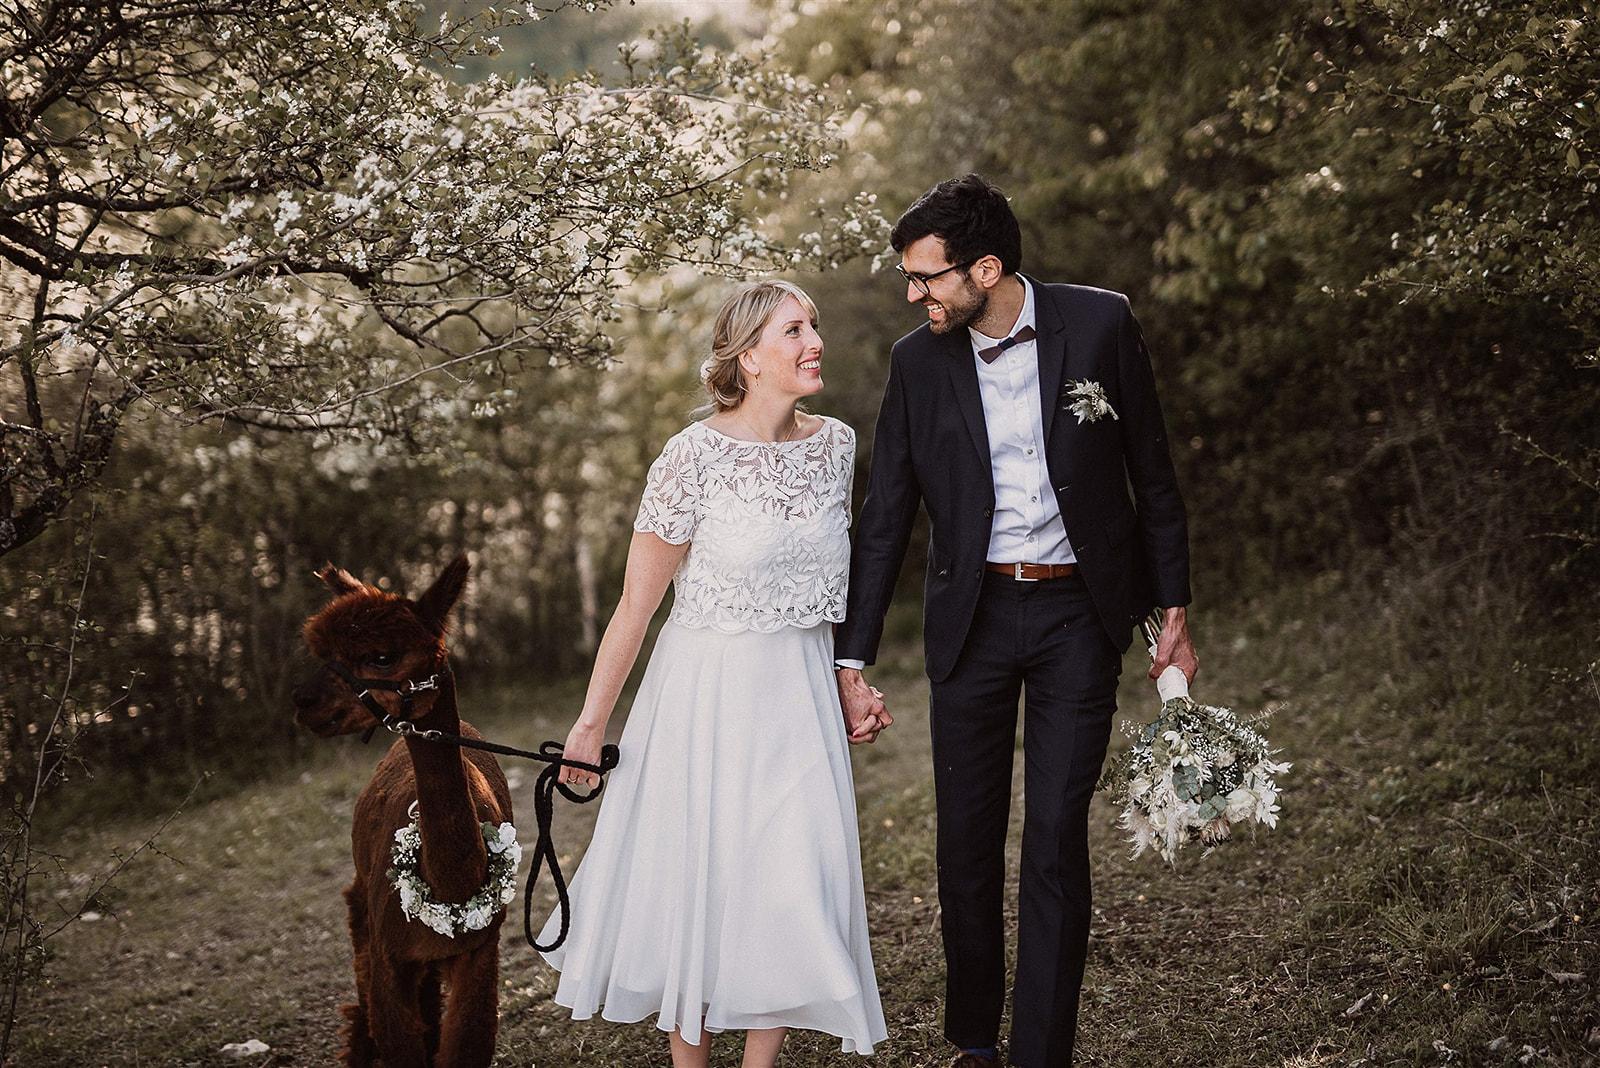 Brautpaar lachend und händchenhaltend vor blühenden Bäumen. Braut mit weißem Brautkleid-Zweiteiler: Chiffonrock in Wadenlänge und kurzärmeligem Spitzentop mit Blättermuster, Bräutigam mit dunklem Anzug, Brautstrauss haltend